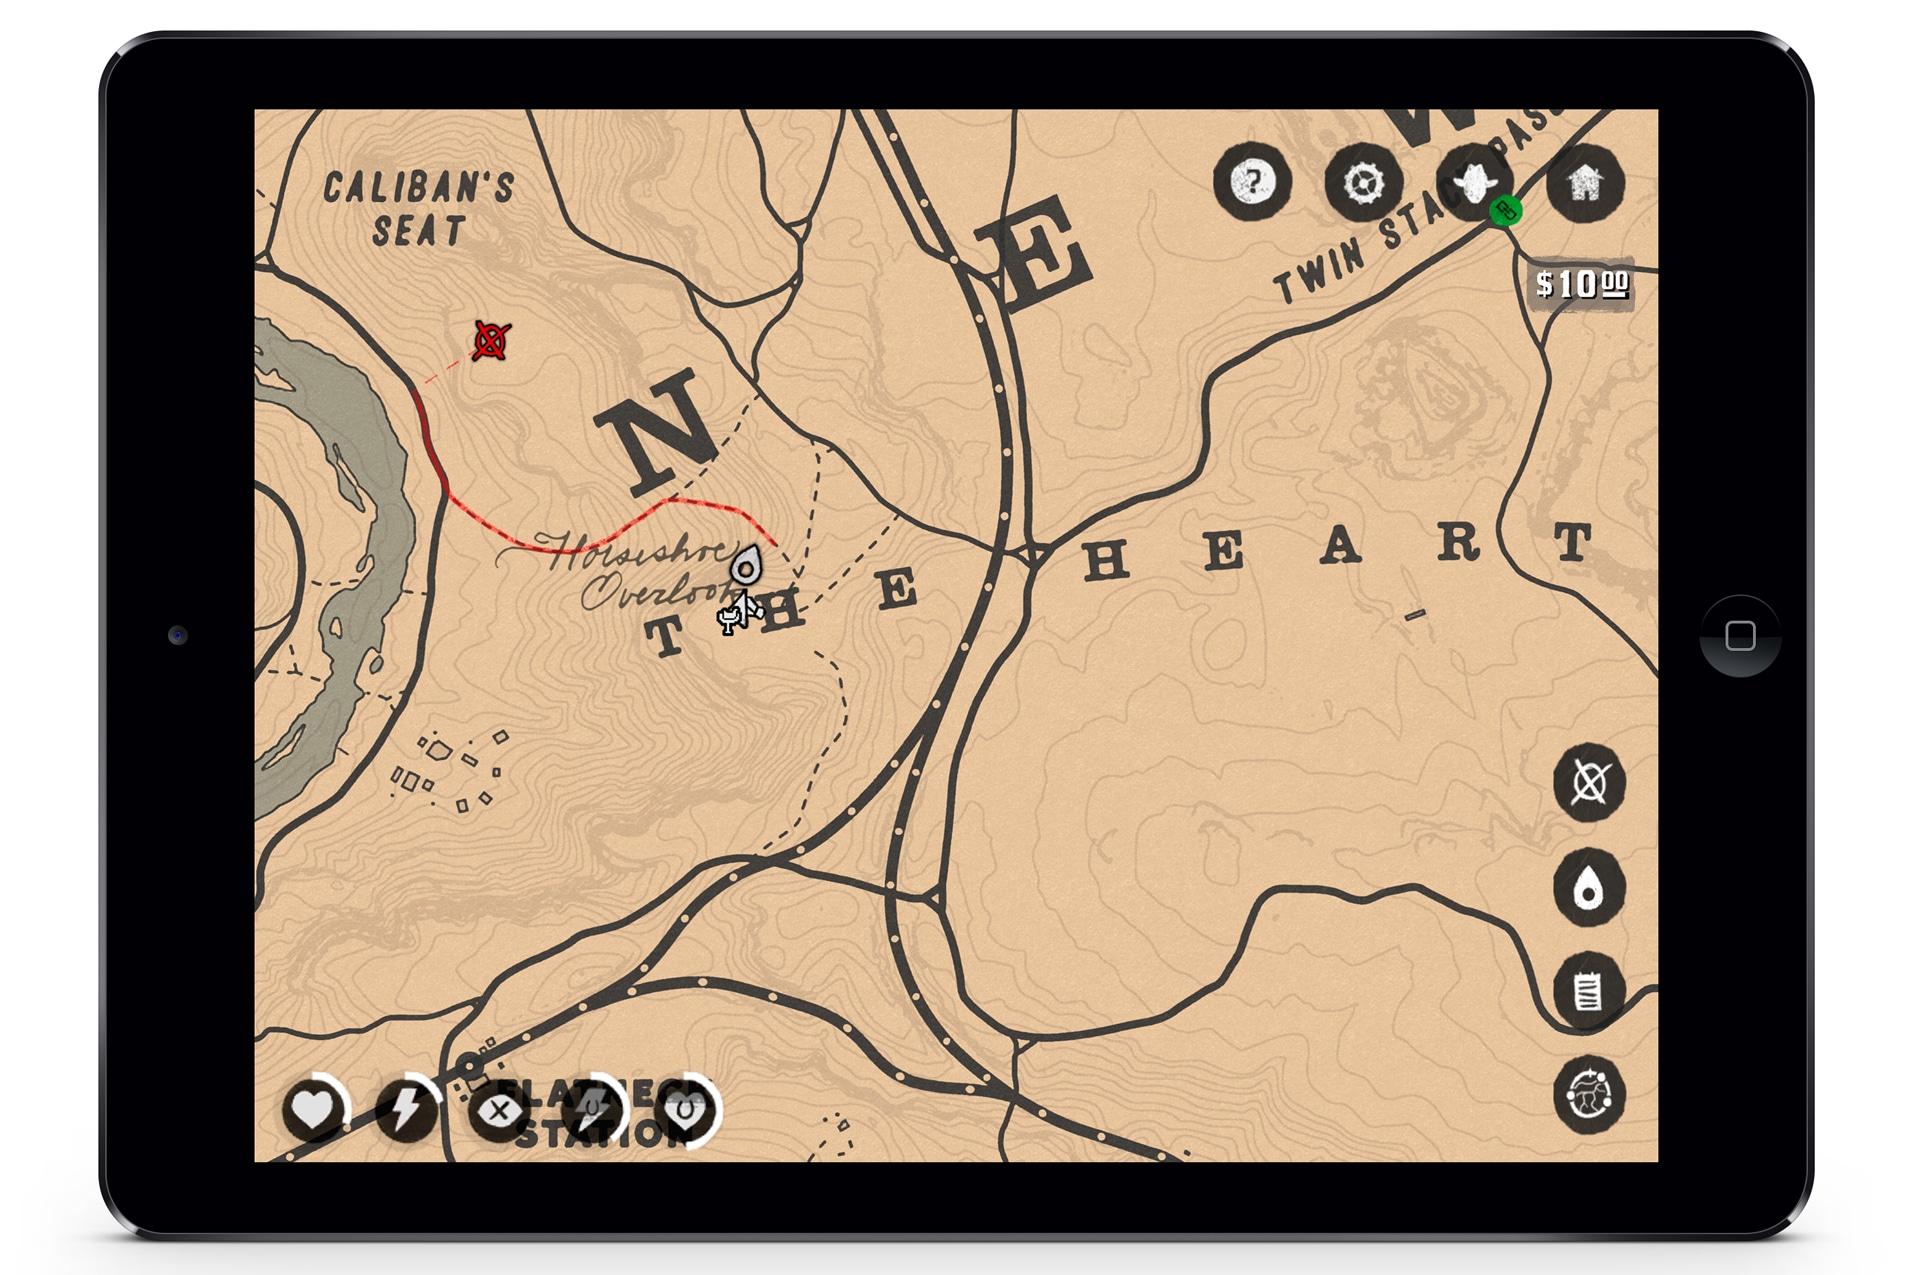 La aplicación Red Dead Redemption 2 Companion se lanzará este viernes